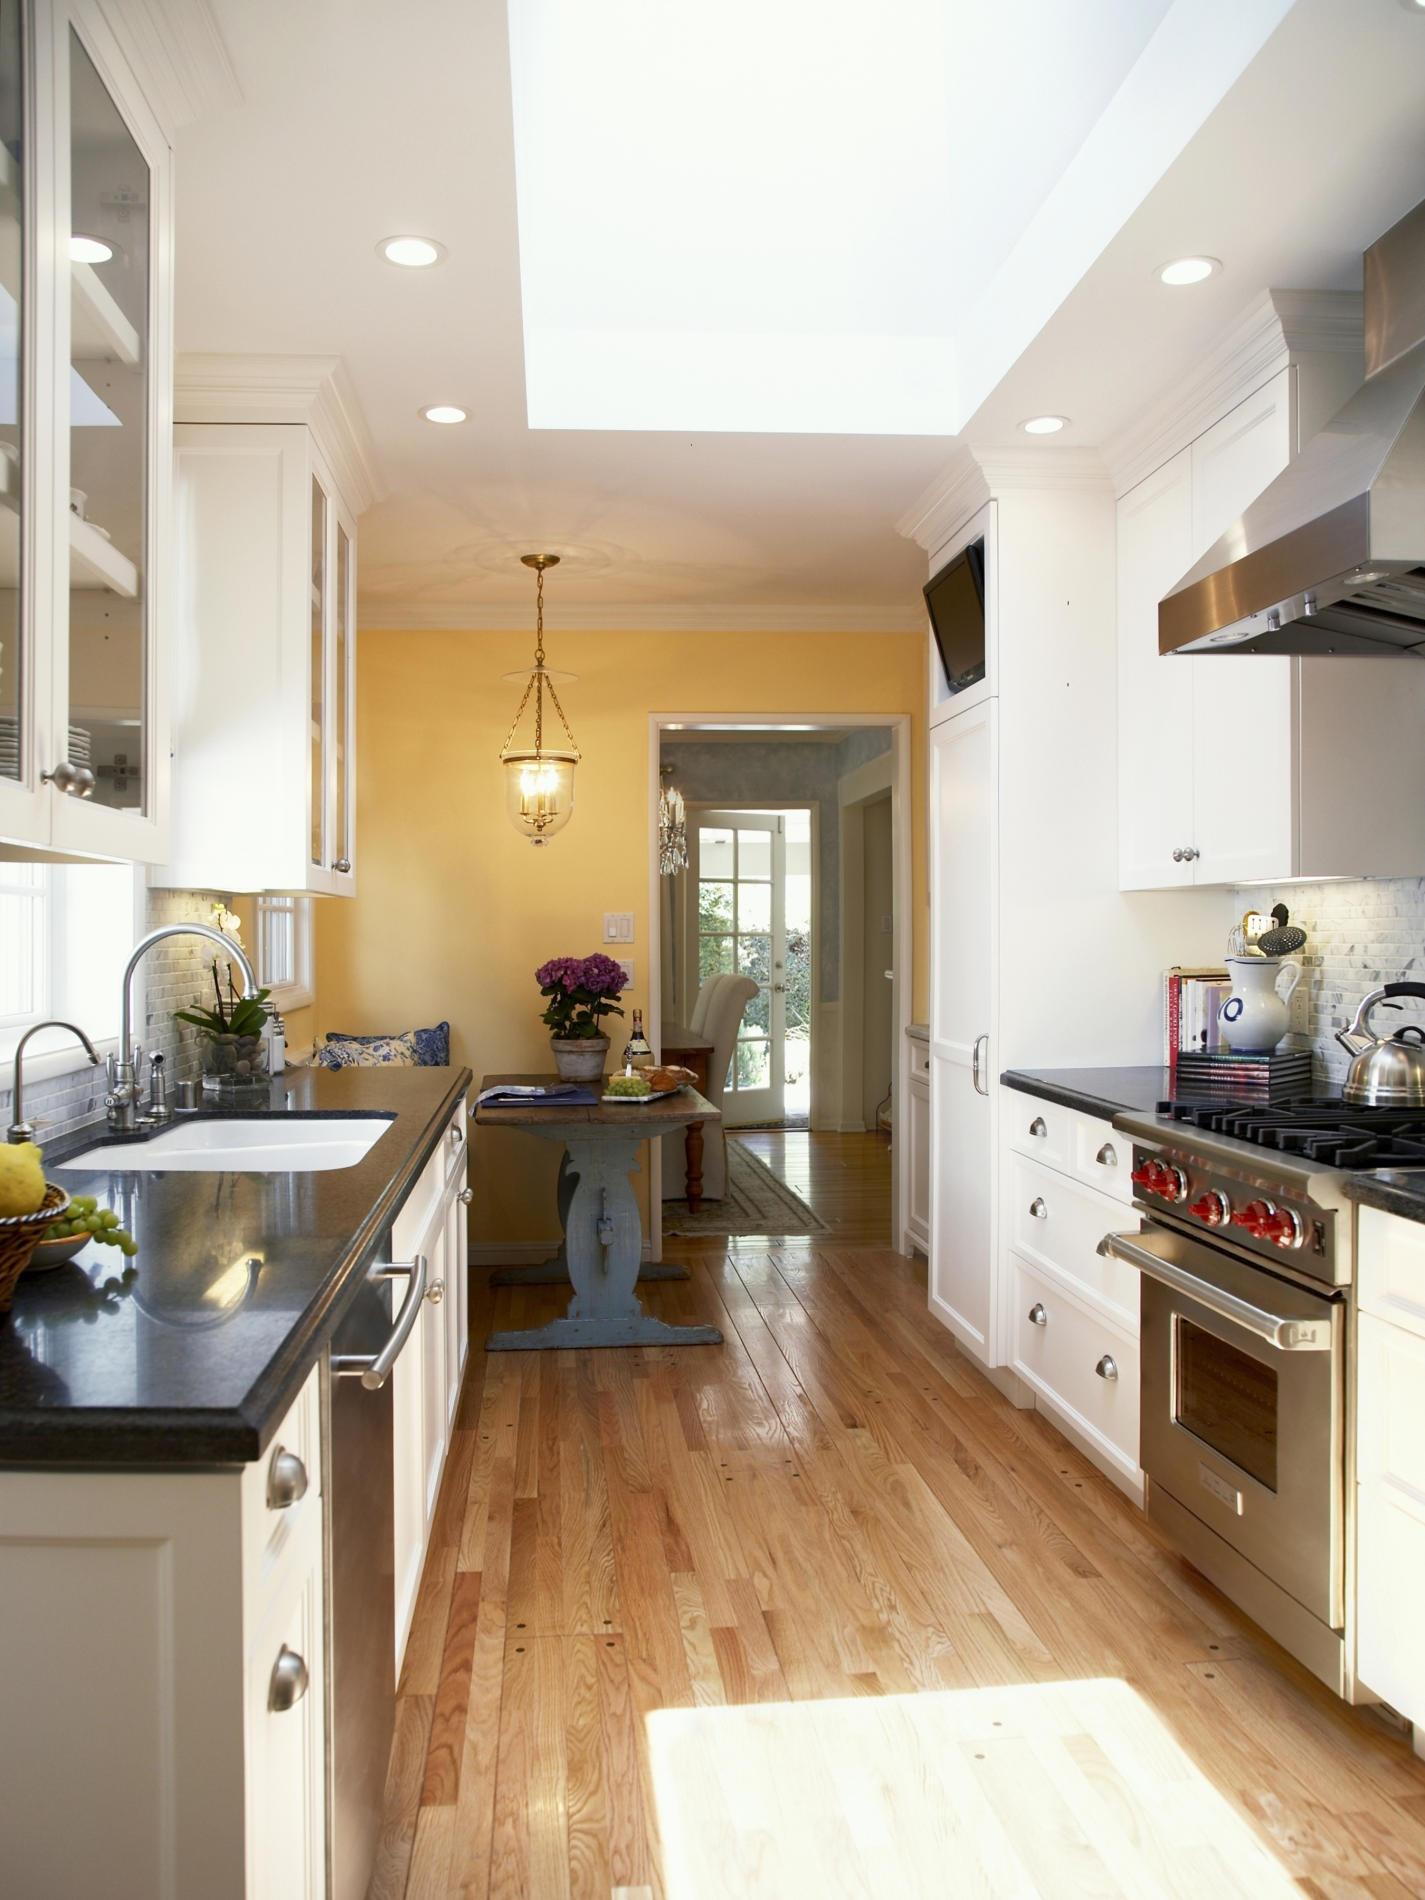 знакомые как расширить кухню дизайн фото разделе установите фото